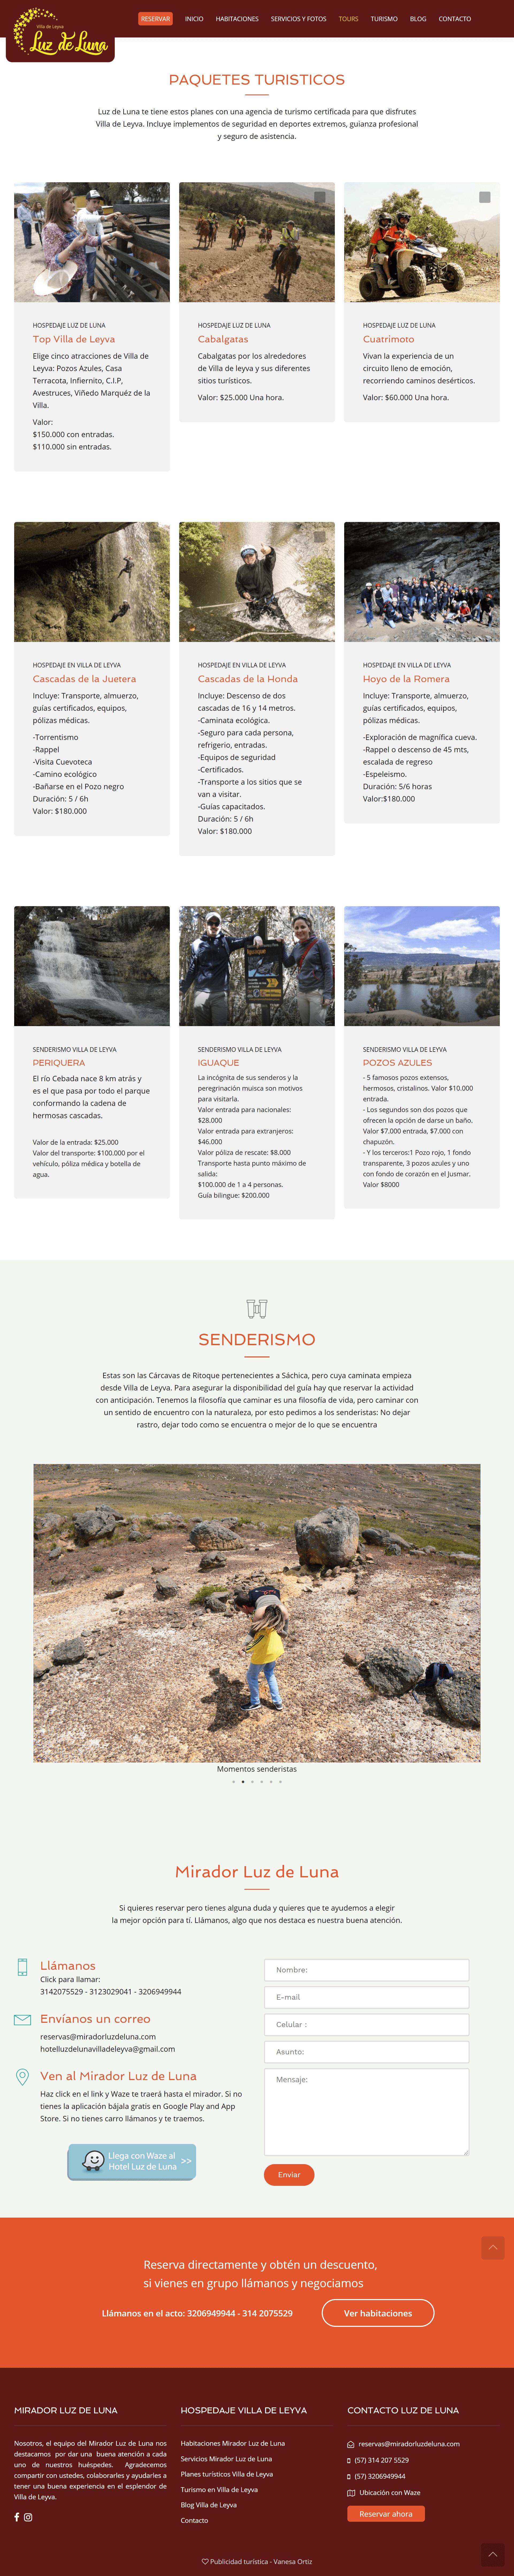 diseño paginas web villa de leyva